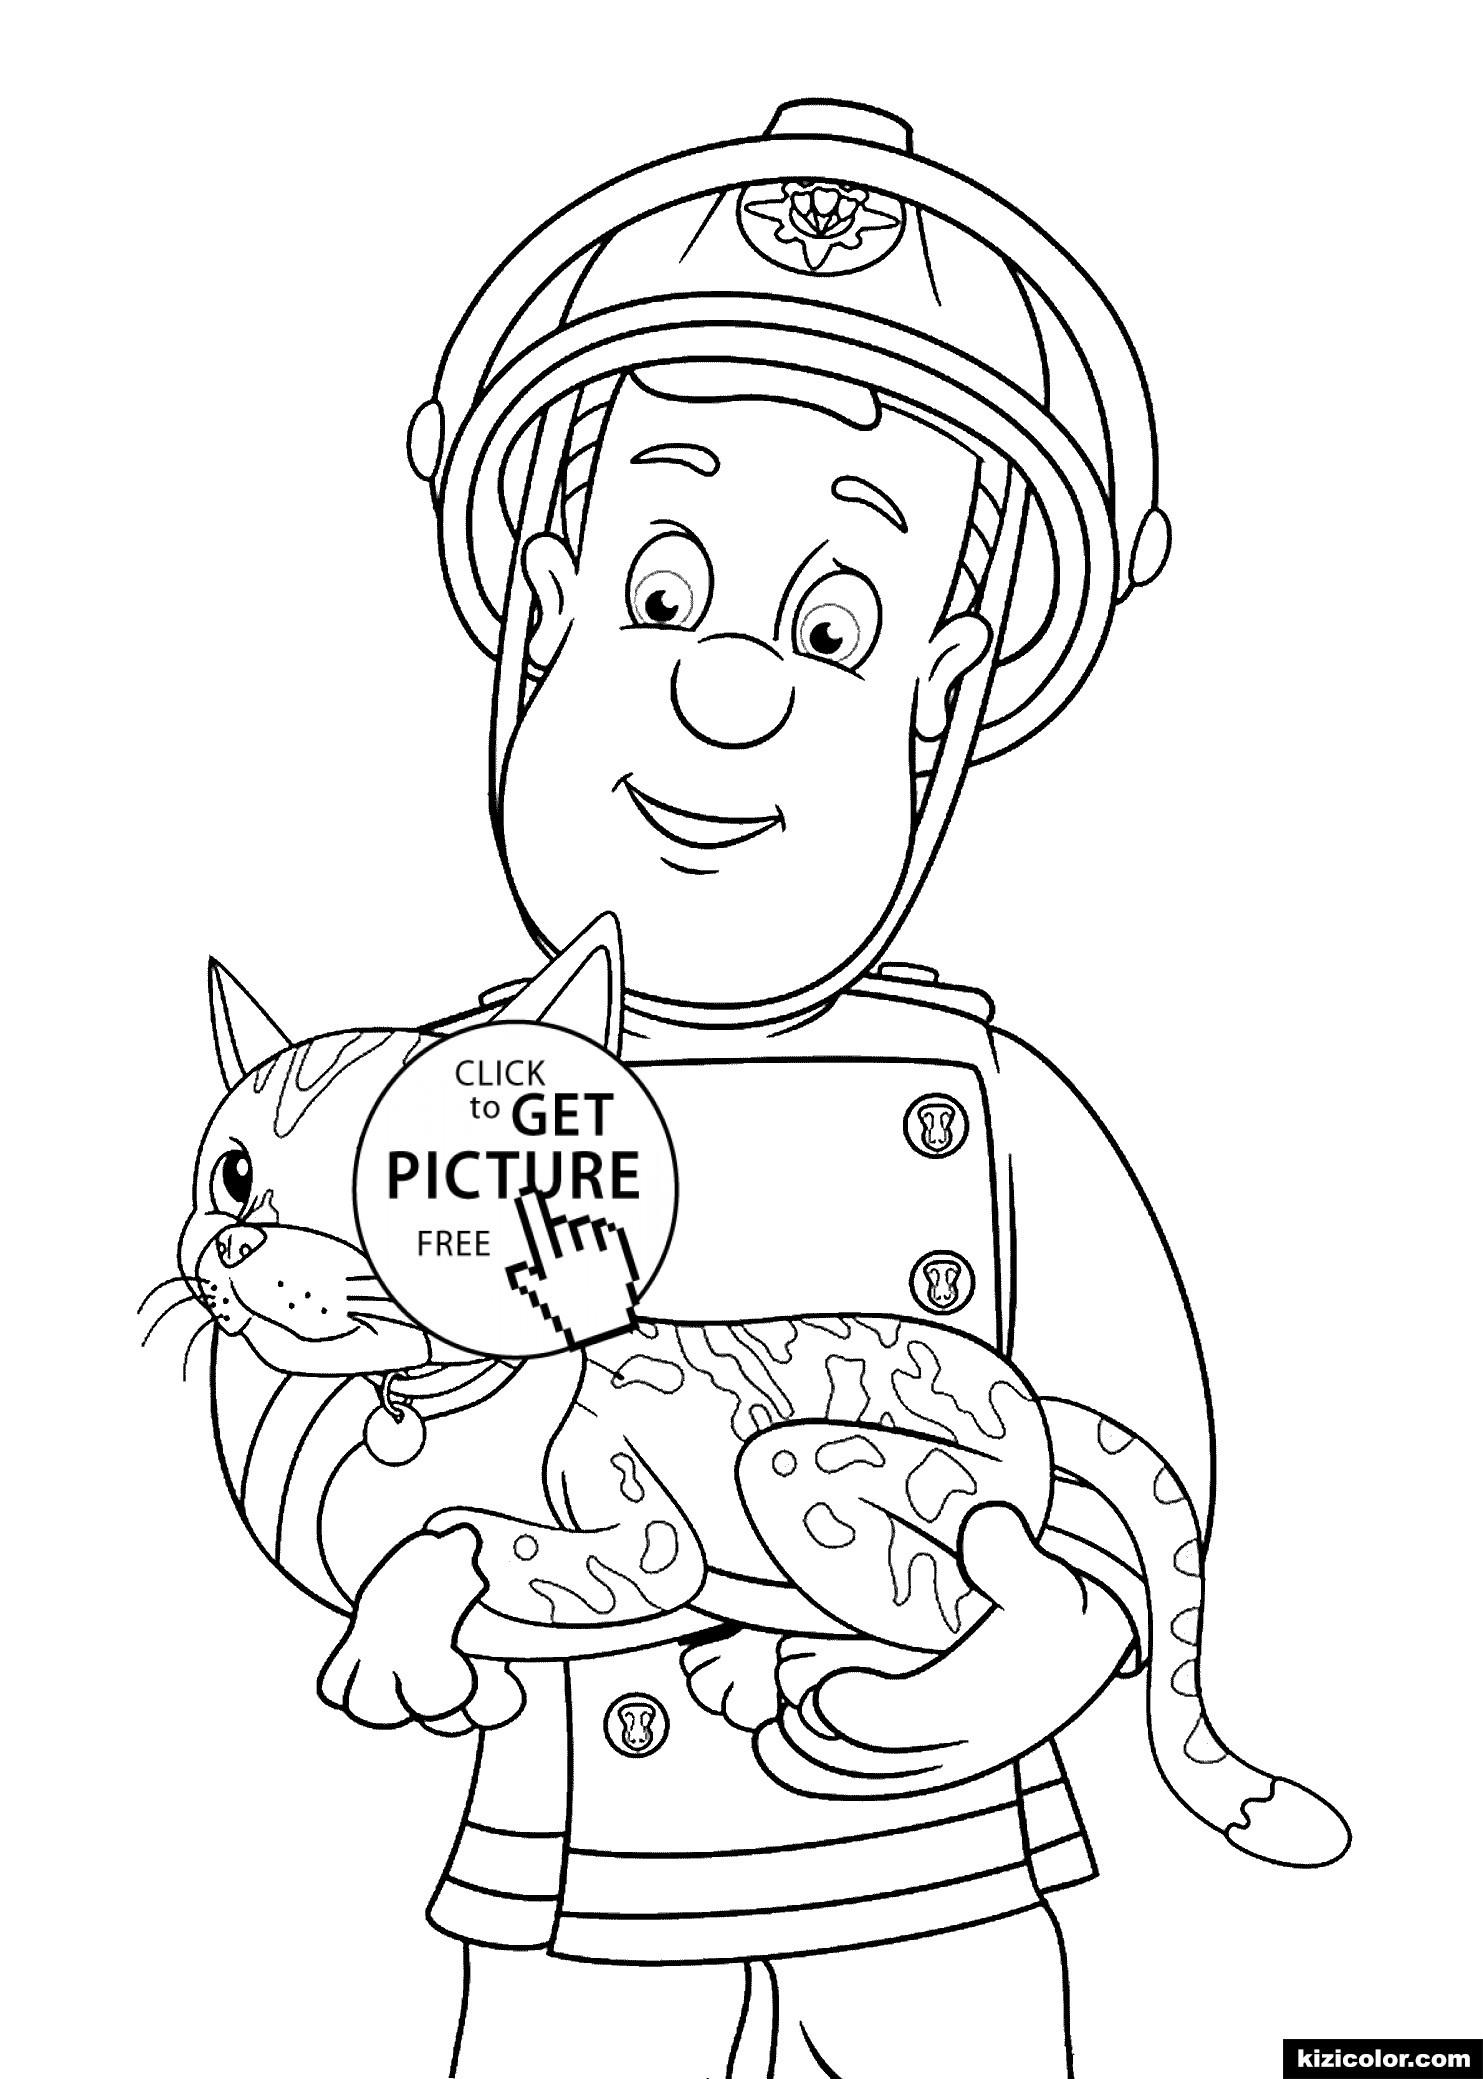 Feuerwehrmann Sam Ausmalbild Genial Feuerwehrmann Sam Und Katze Malvorlagen Für Print Für Kinder Bild